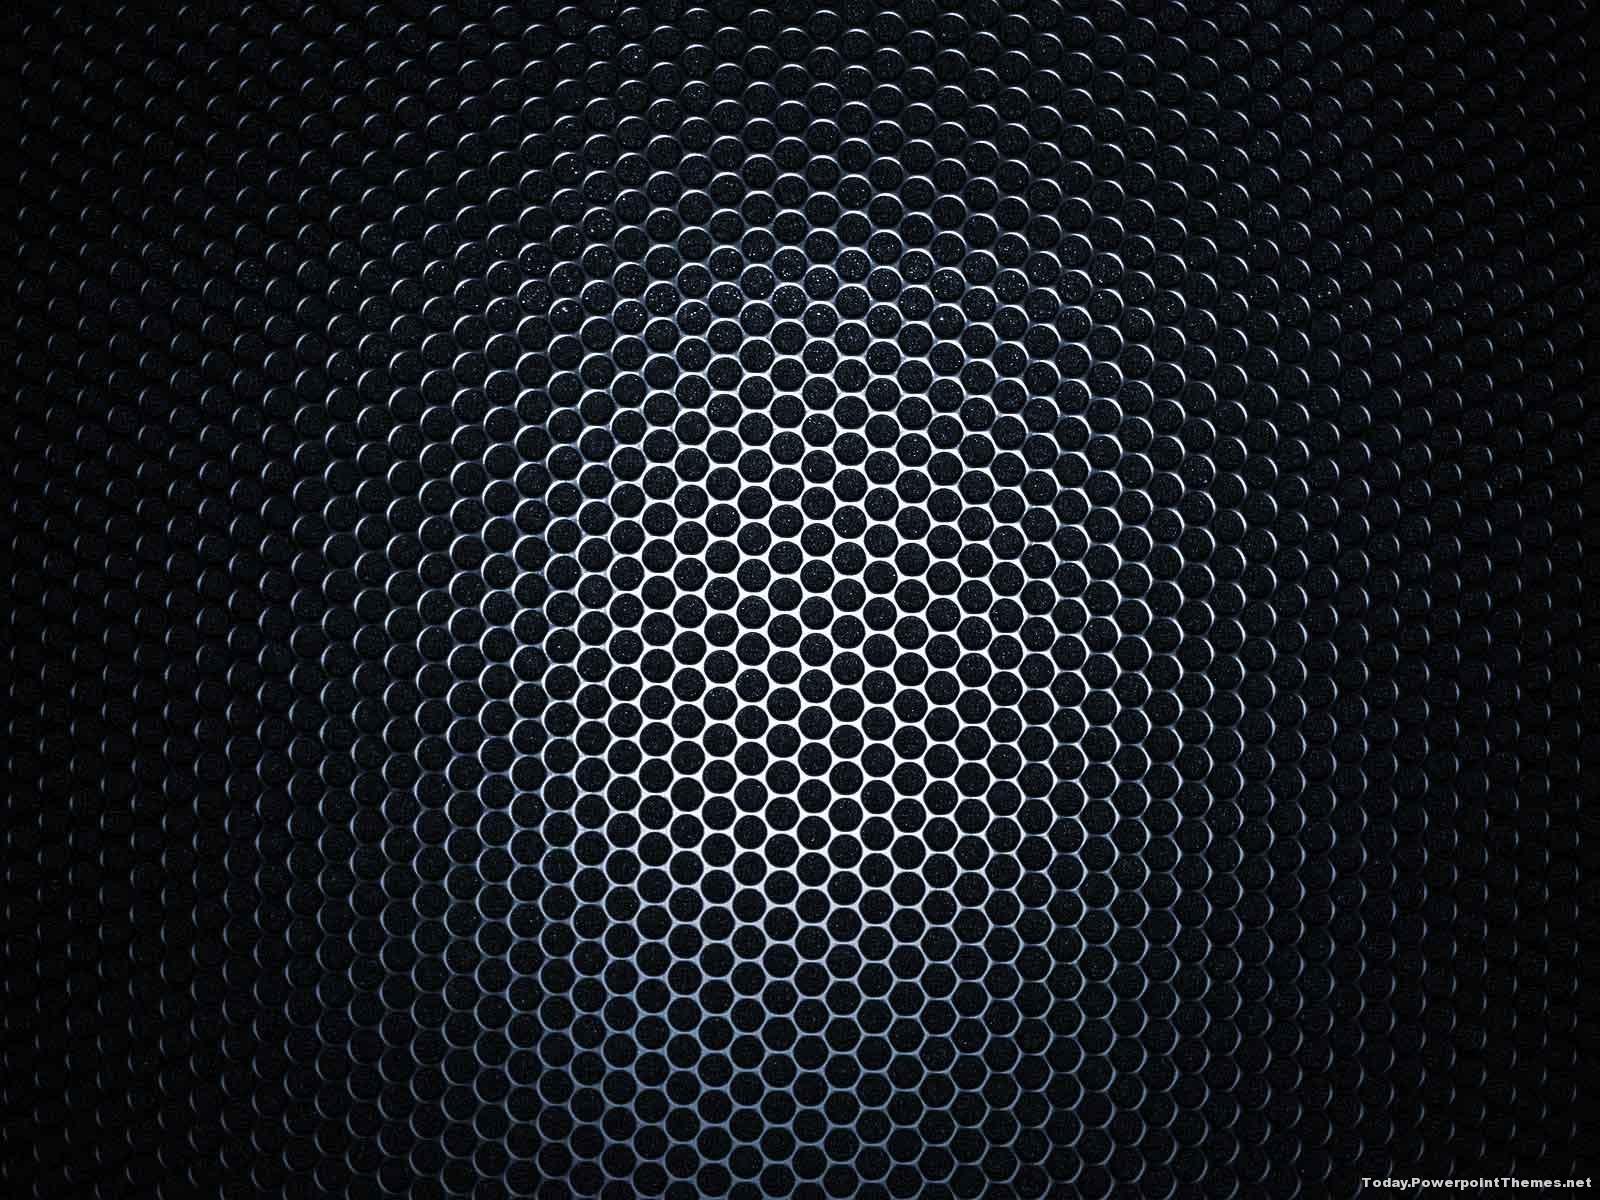 dark-black-metal-texture-background-powerpoint